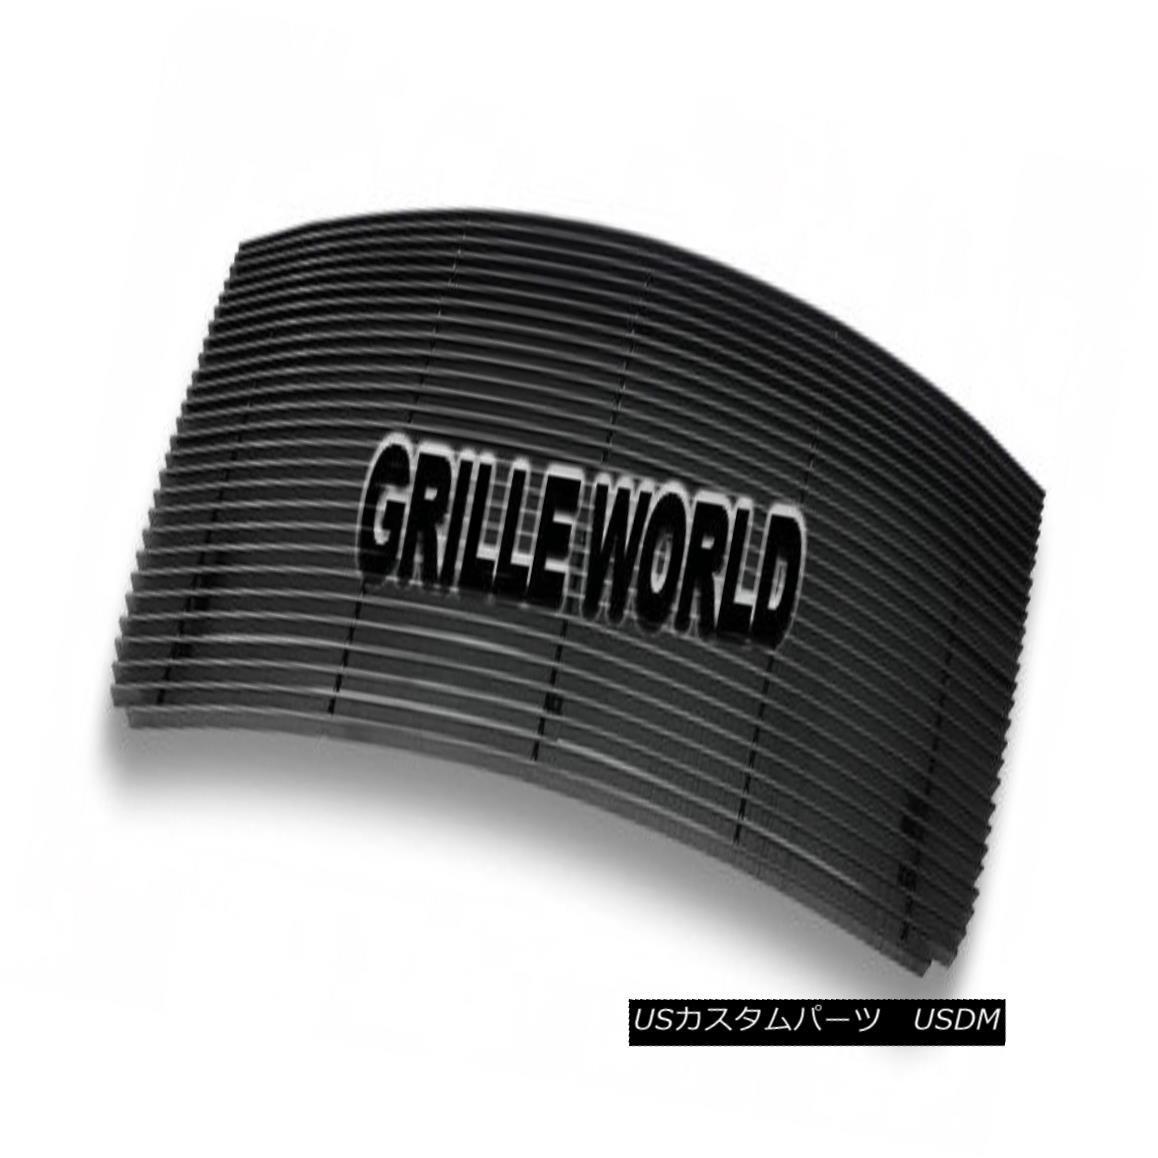 グリル For 07-2010 GMC Sierra 2500/3500 HD Black Billet Premium Grille Insert 07-2010 GMC Sierra 2500/3500 HD Black Billetプレミアムグリルインサート